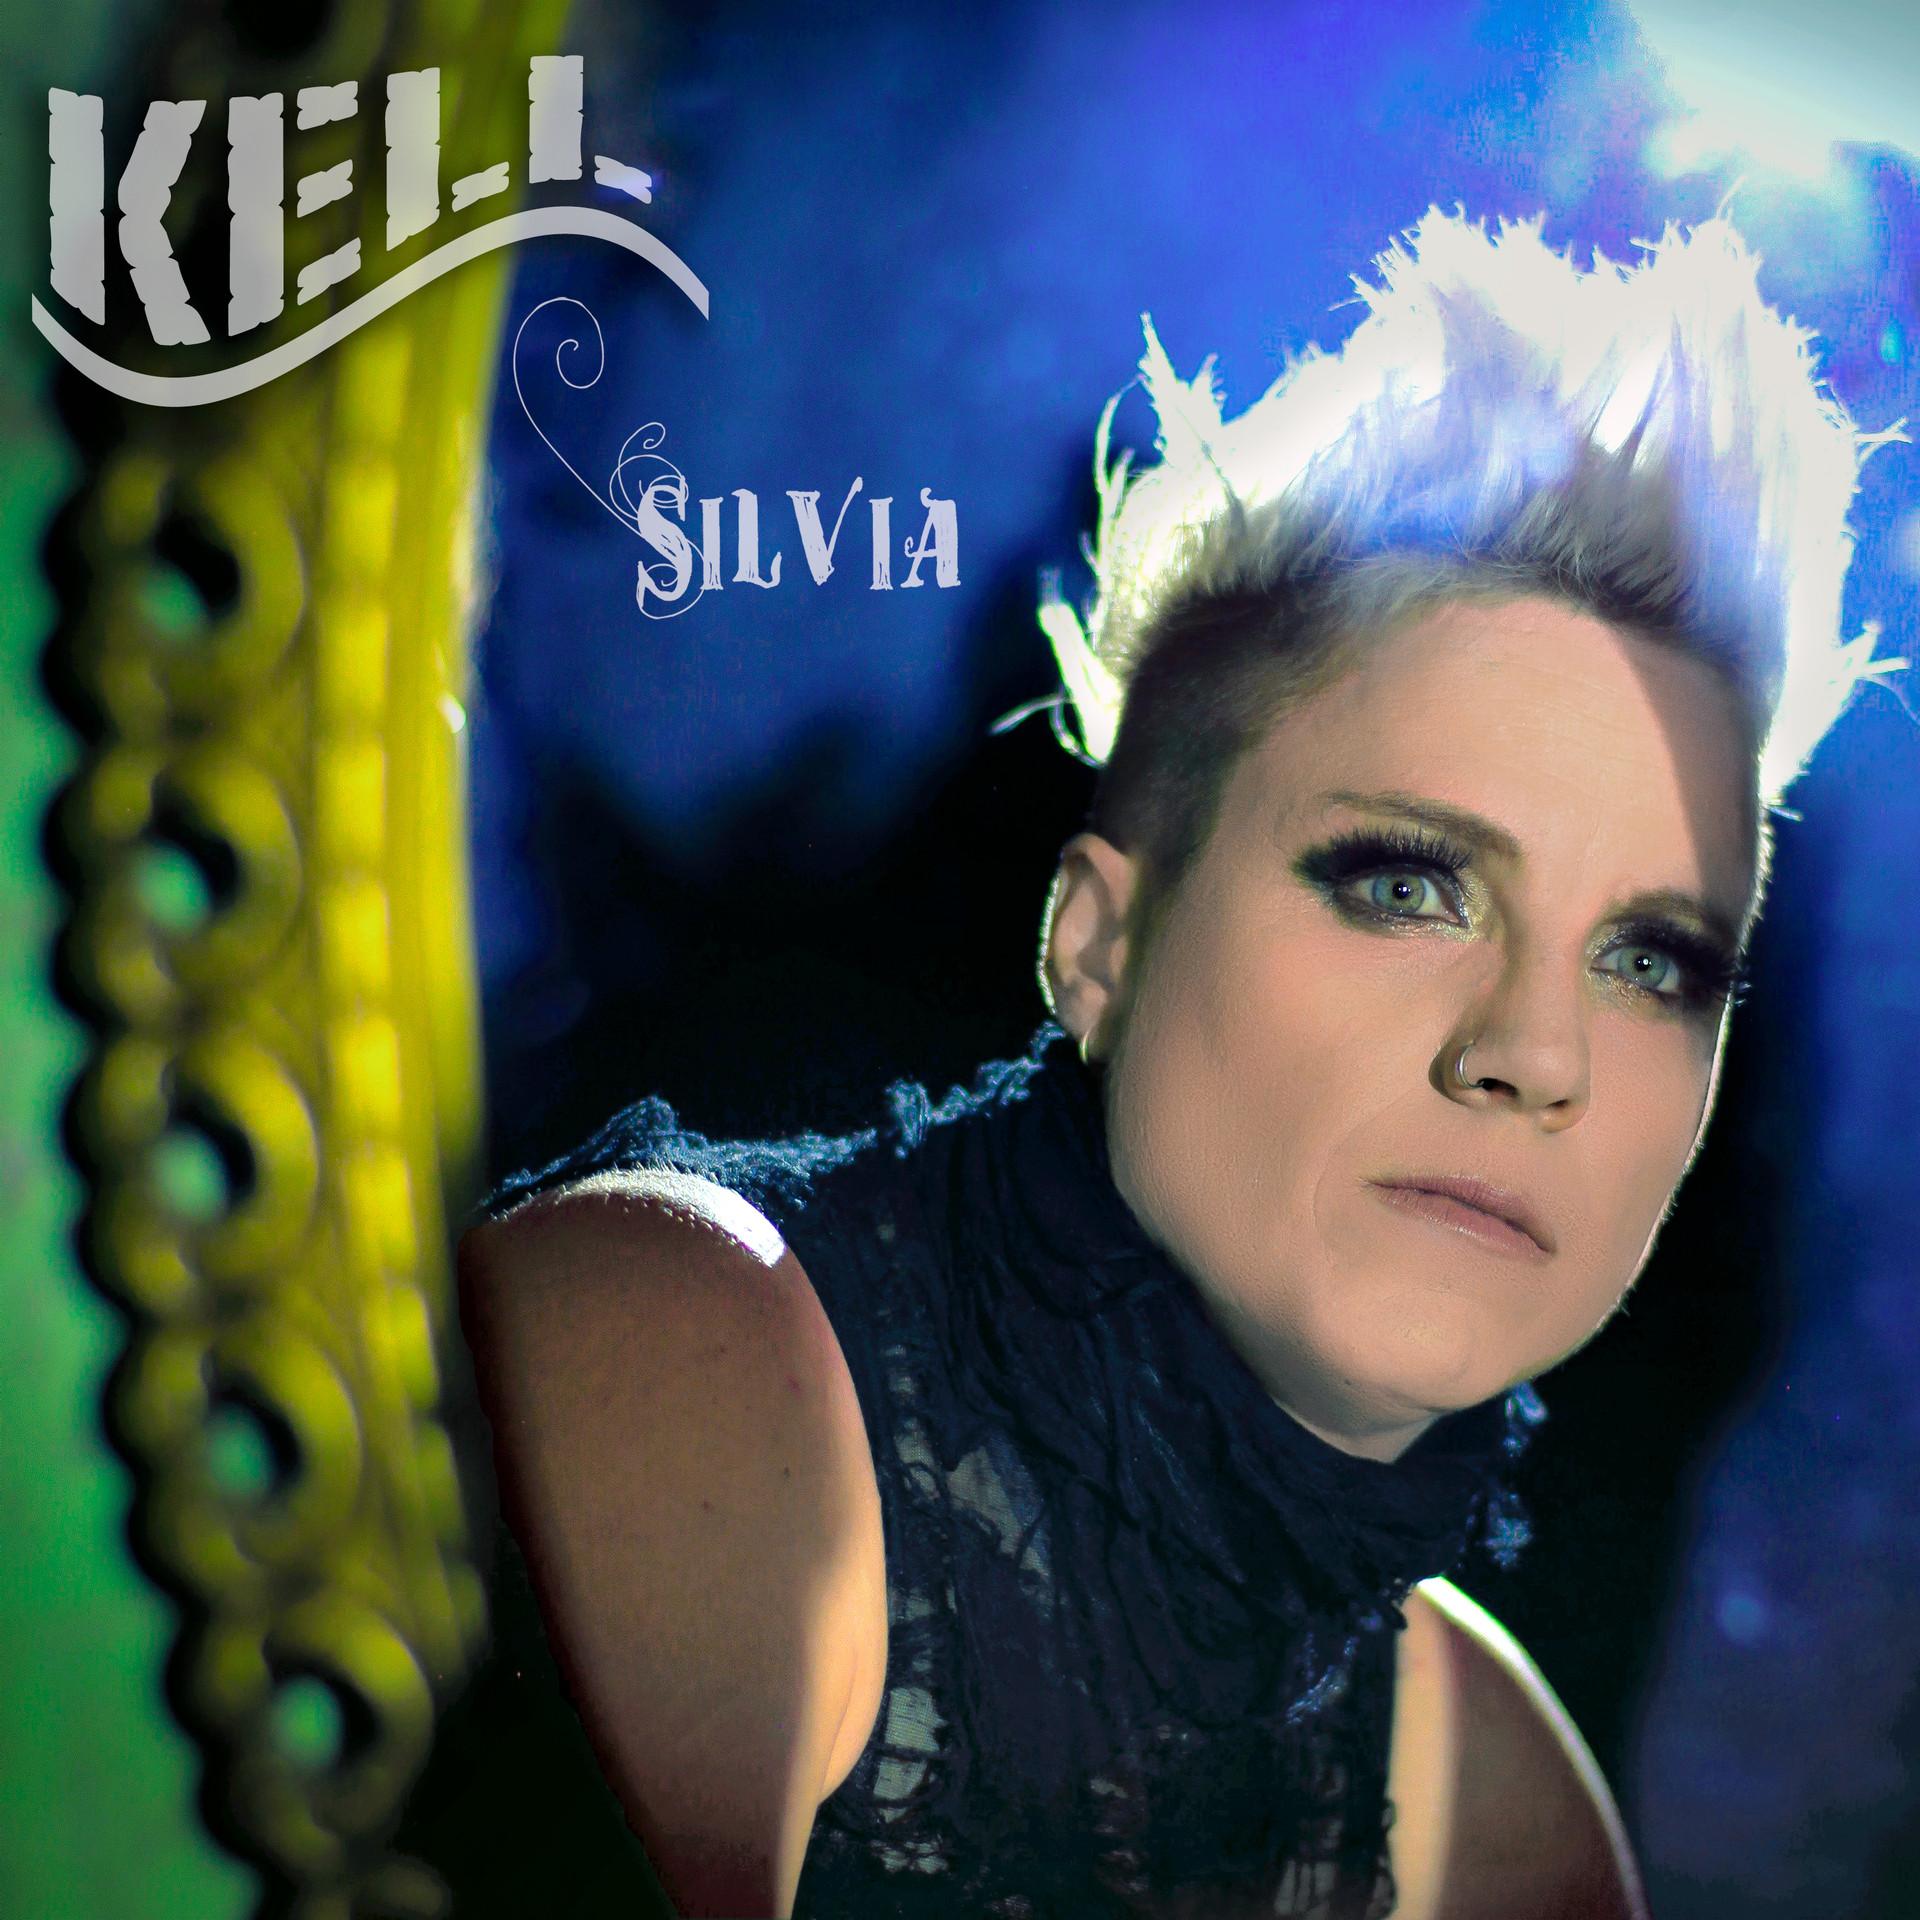 Kell - Silvia